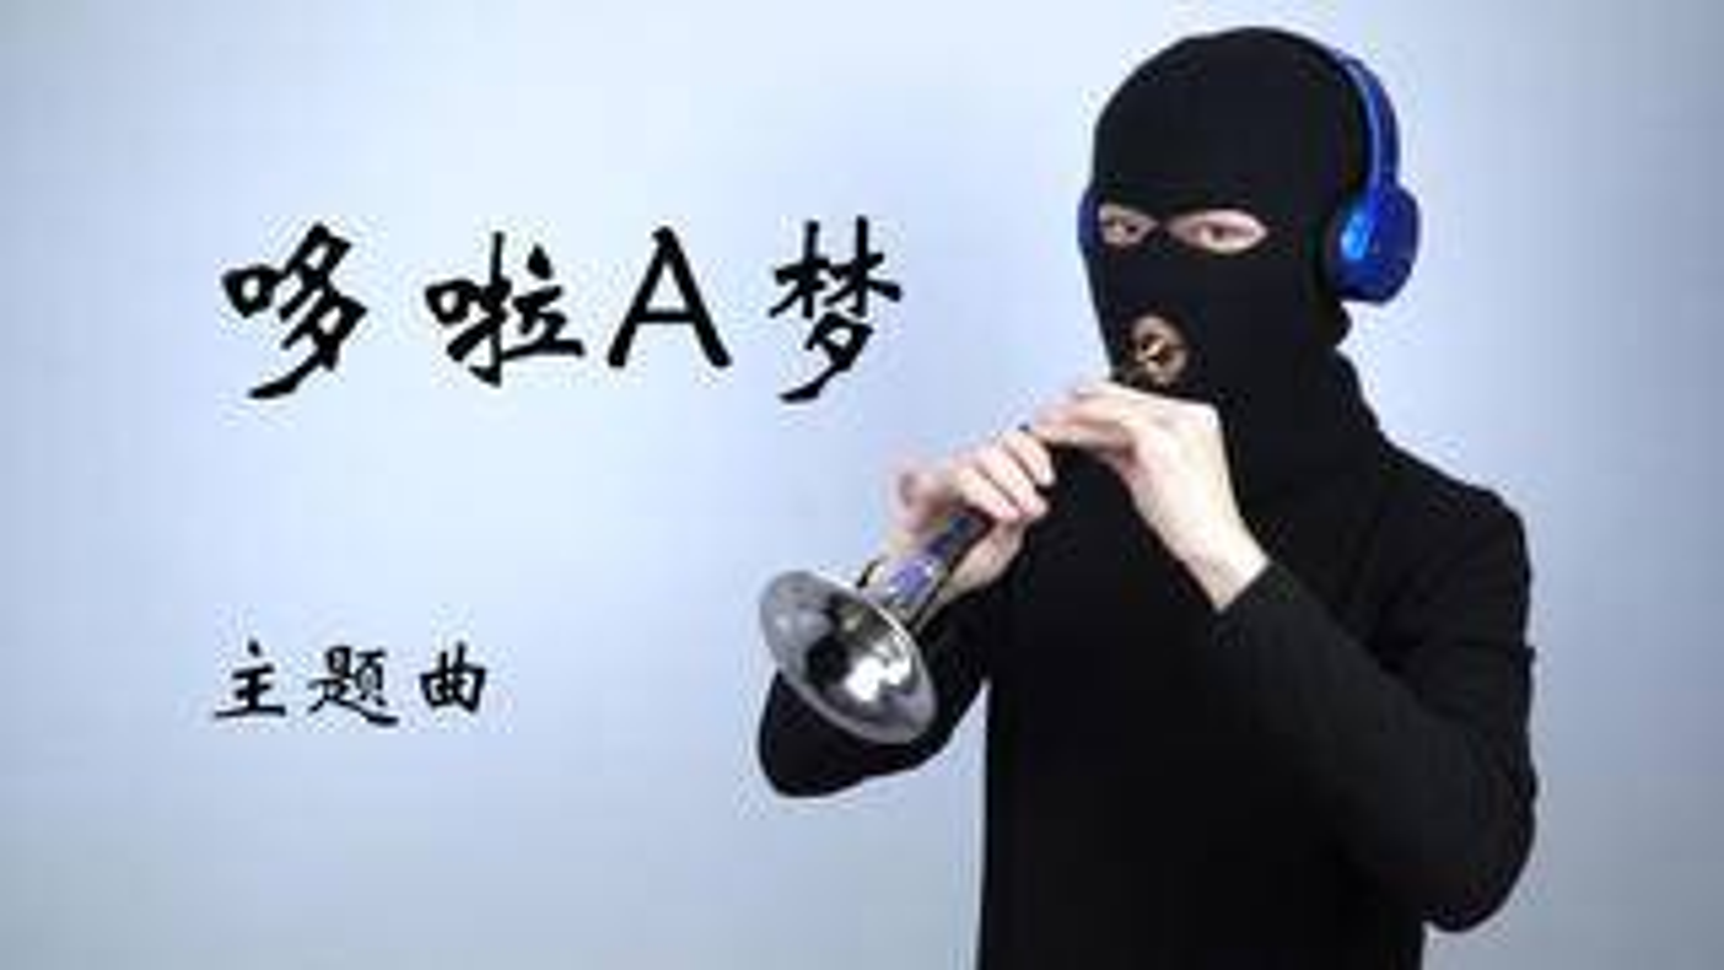 胖虎小夫诱捕器【哆啦A梦】